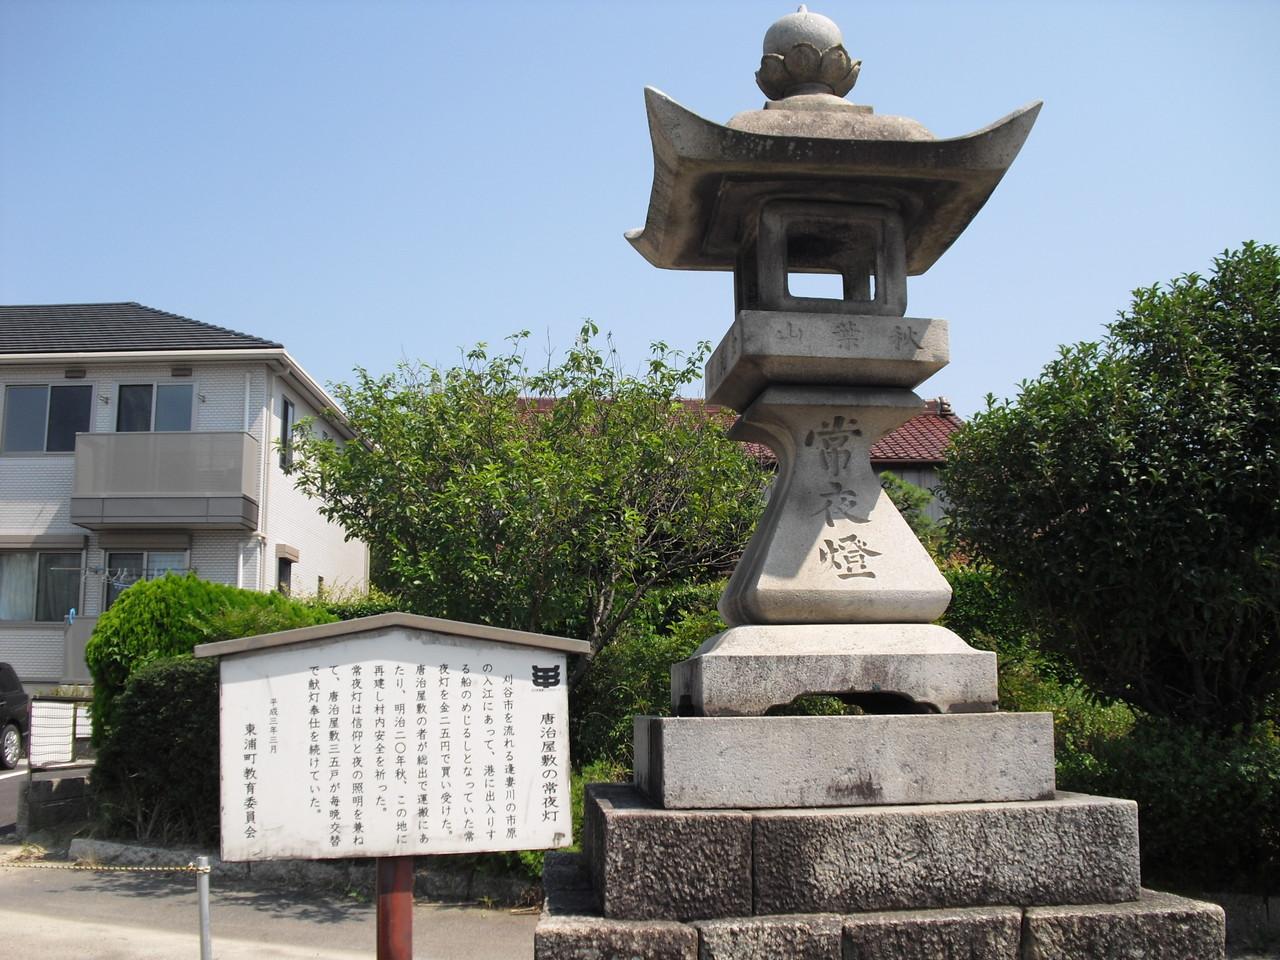 唐治屋敷の常夜燈(緒川新田)